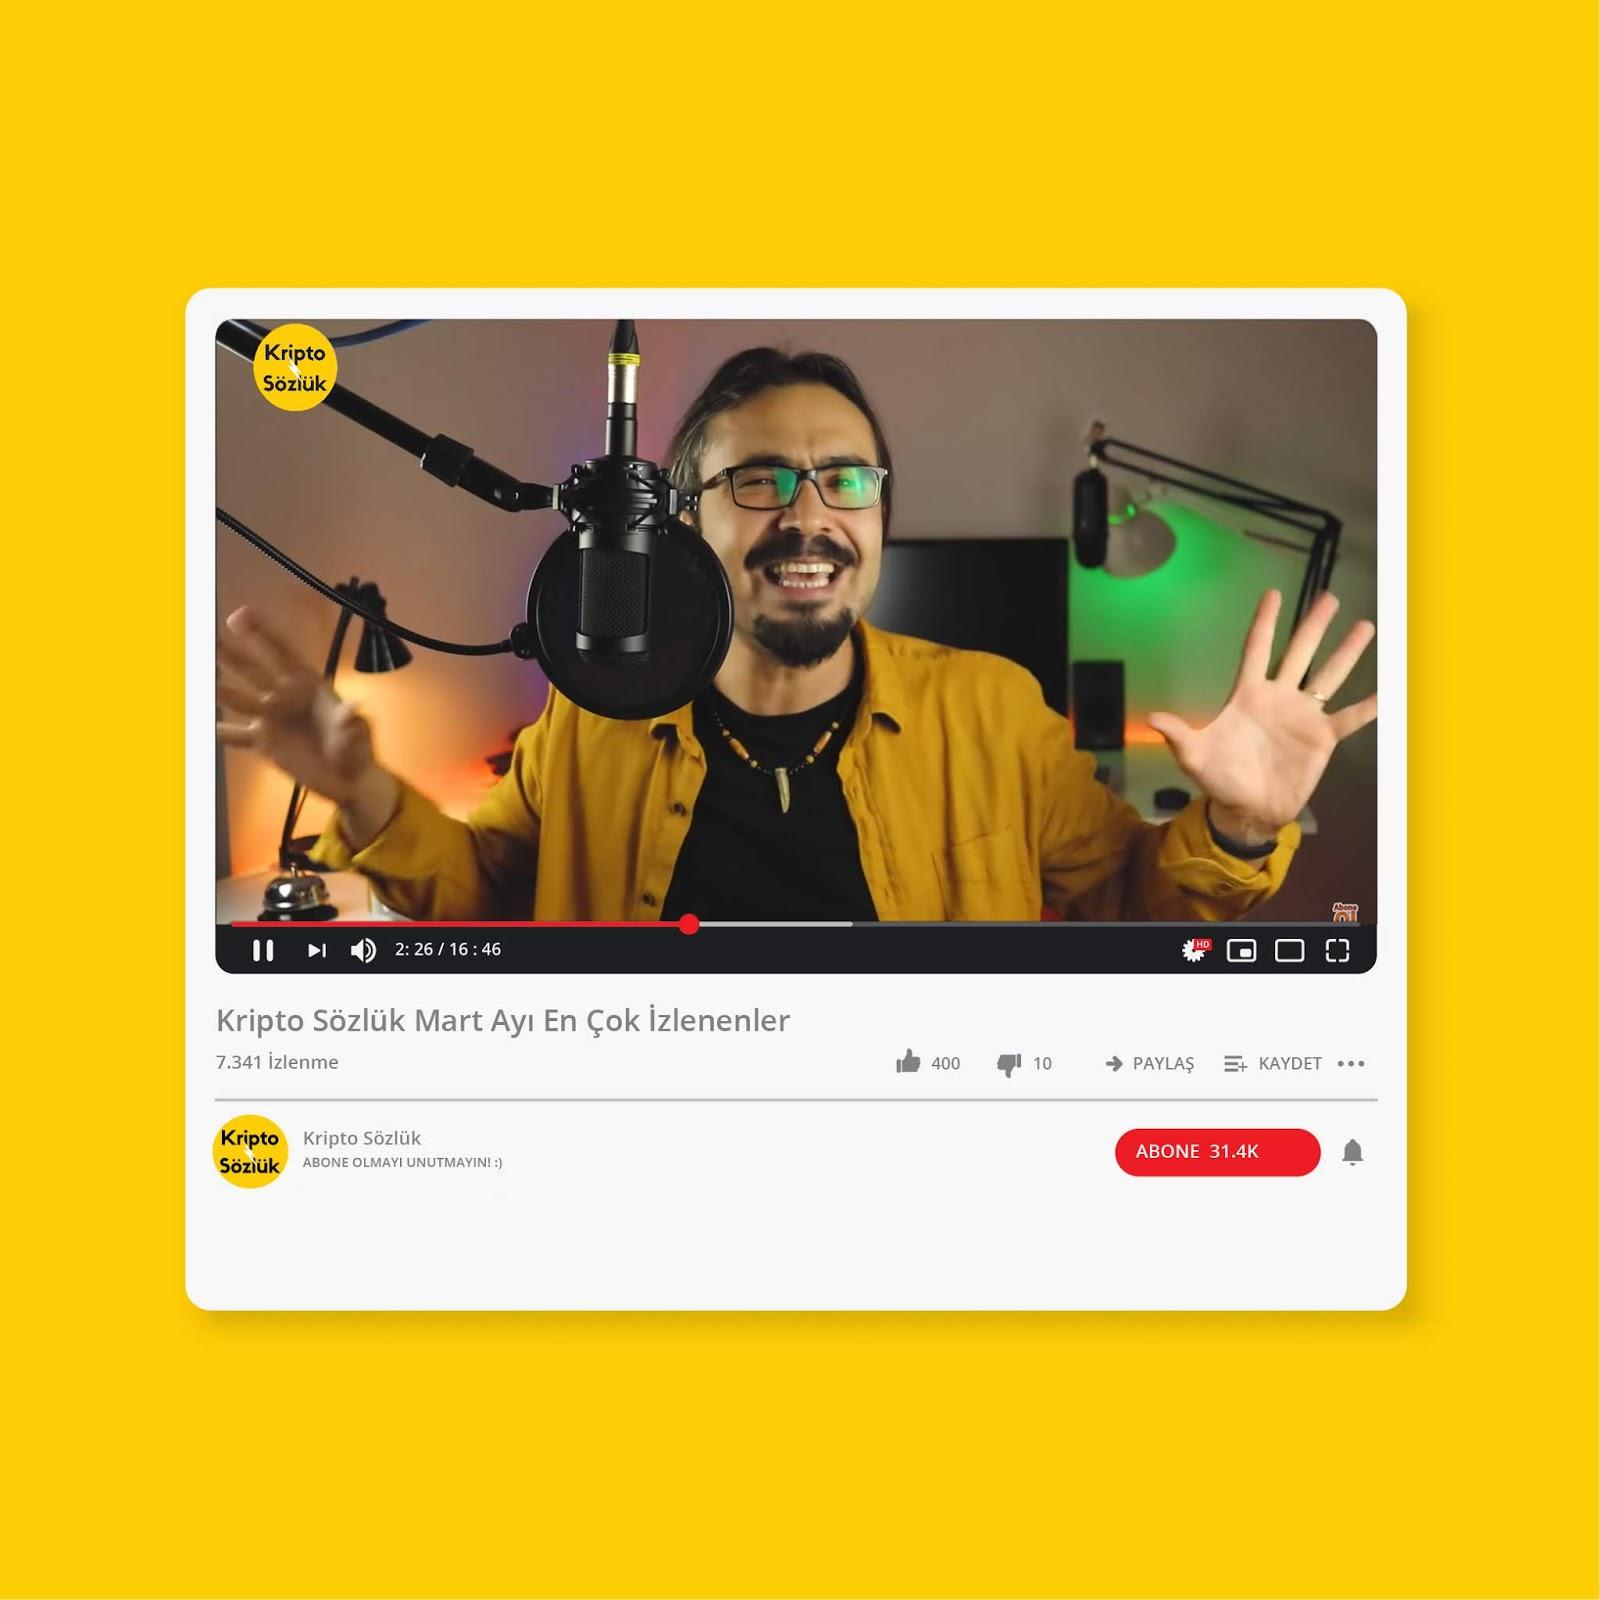 Kripto Sözlük Youtube kanalında en çok izlenen videolar